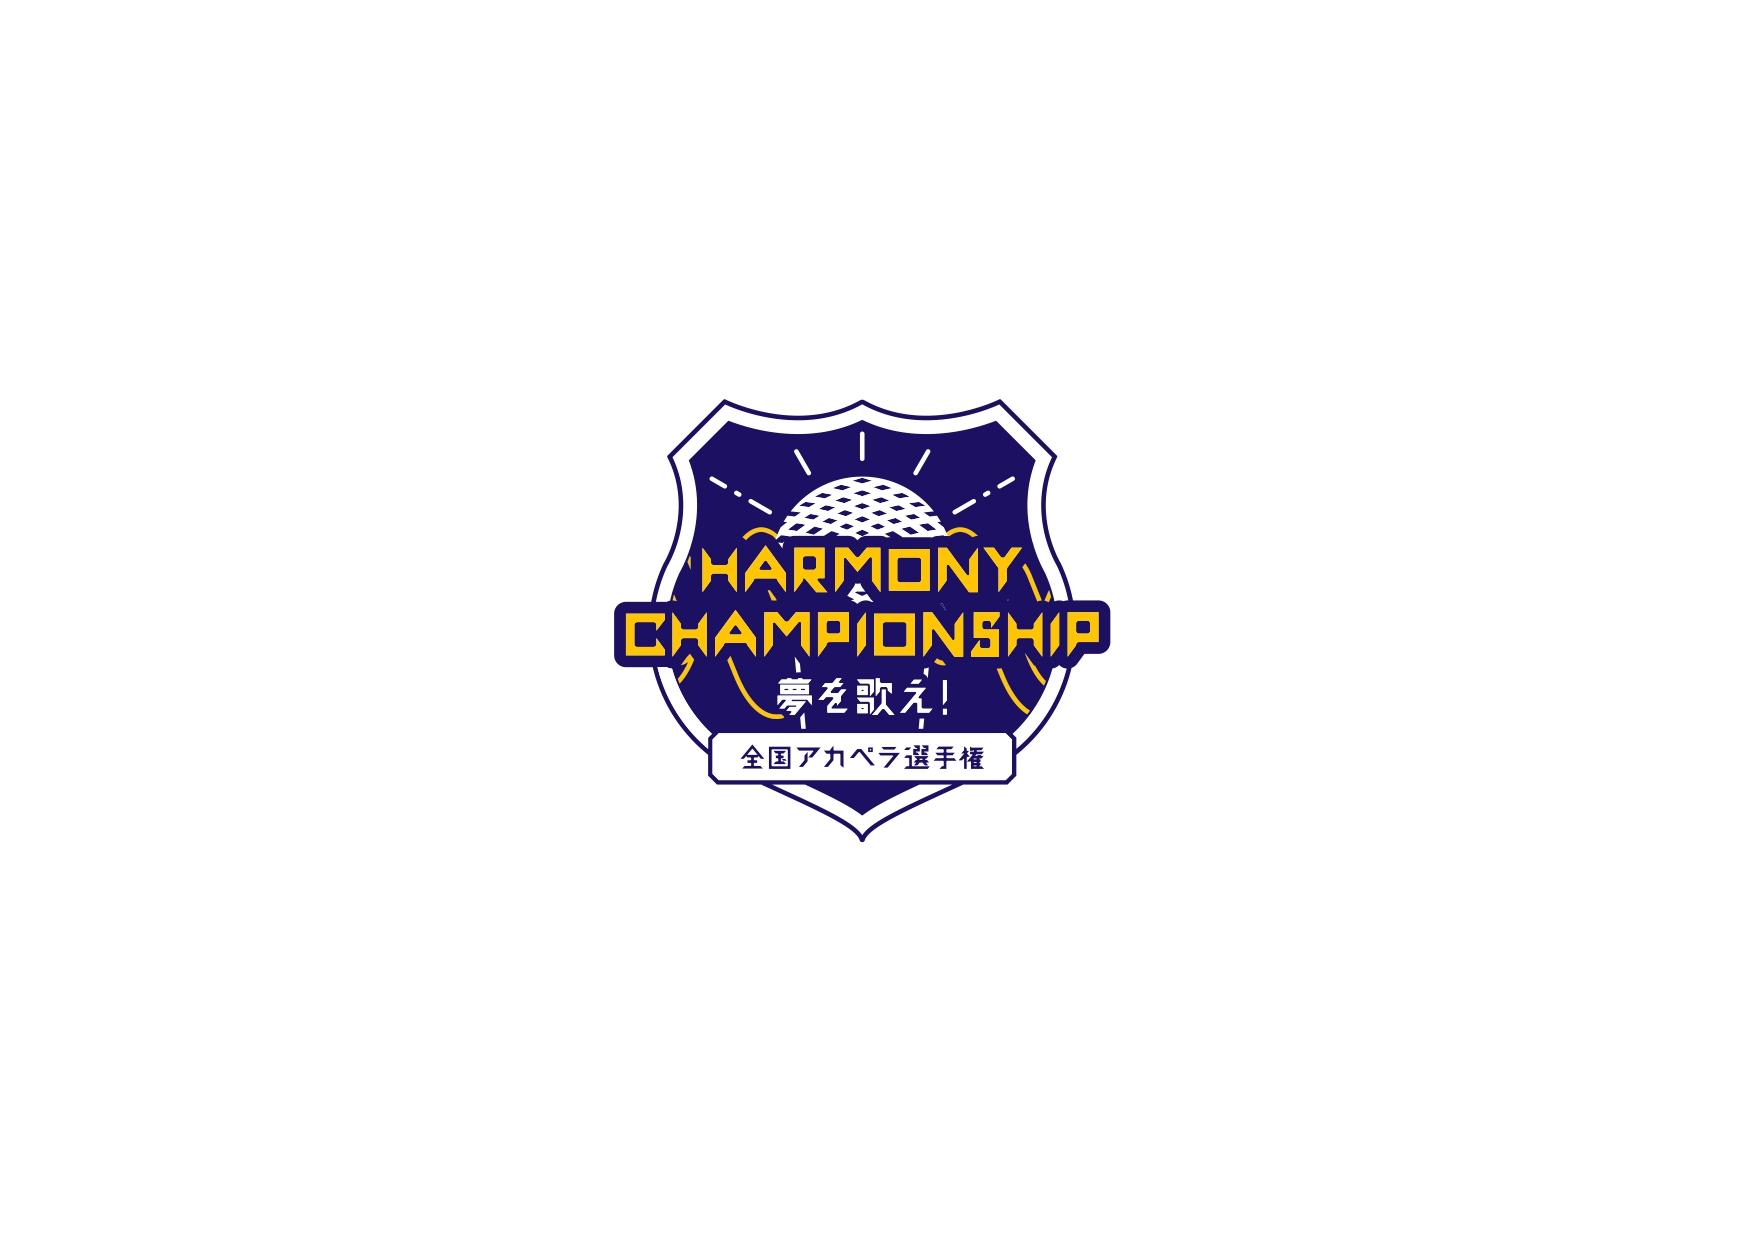 夢を歌え!第1回全国アカペラ選手権 HARMONY CHAMPIONSHIP 決勝大会